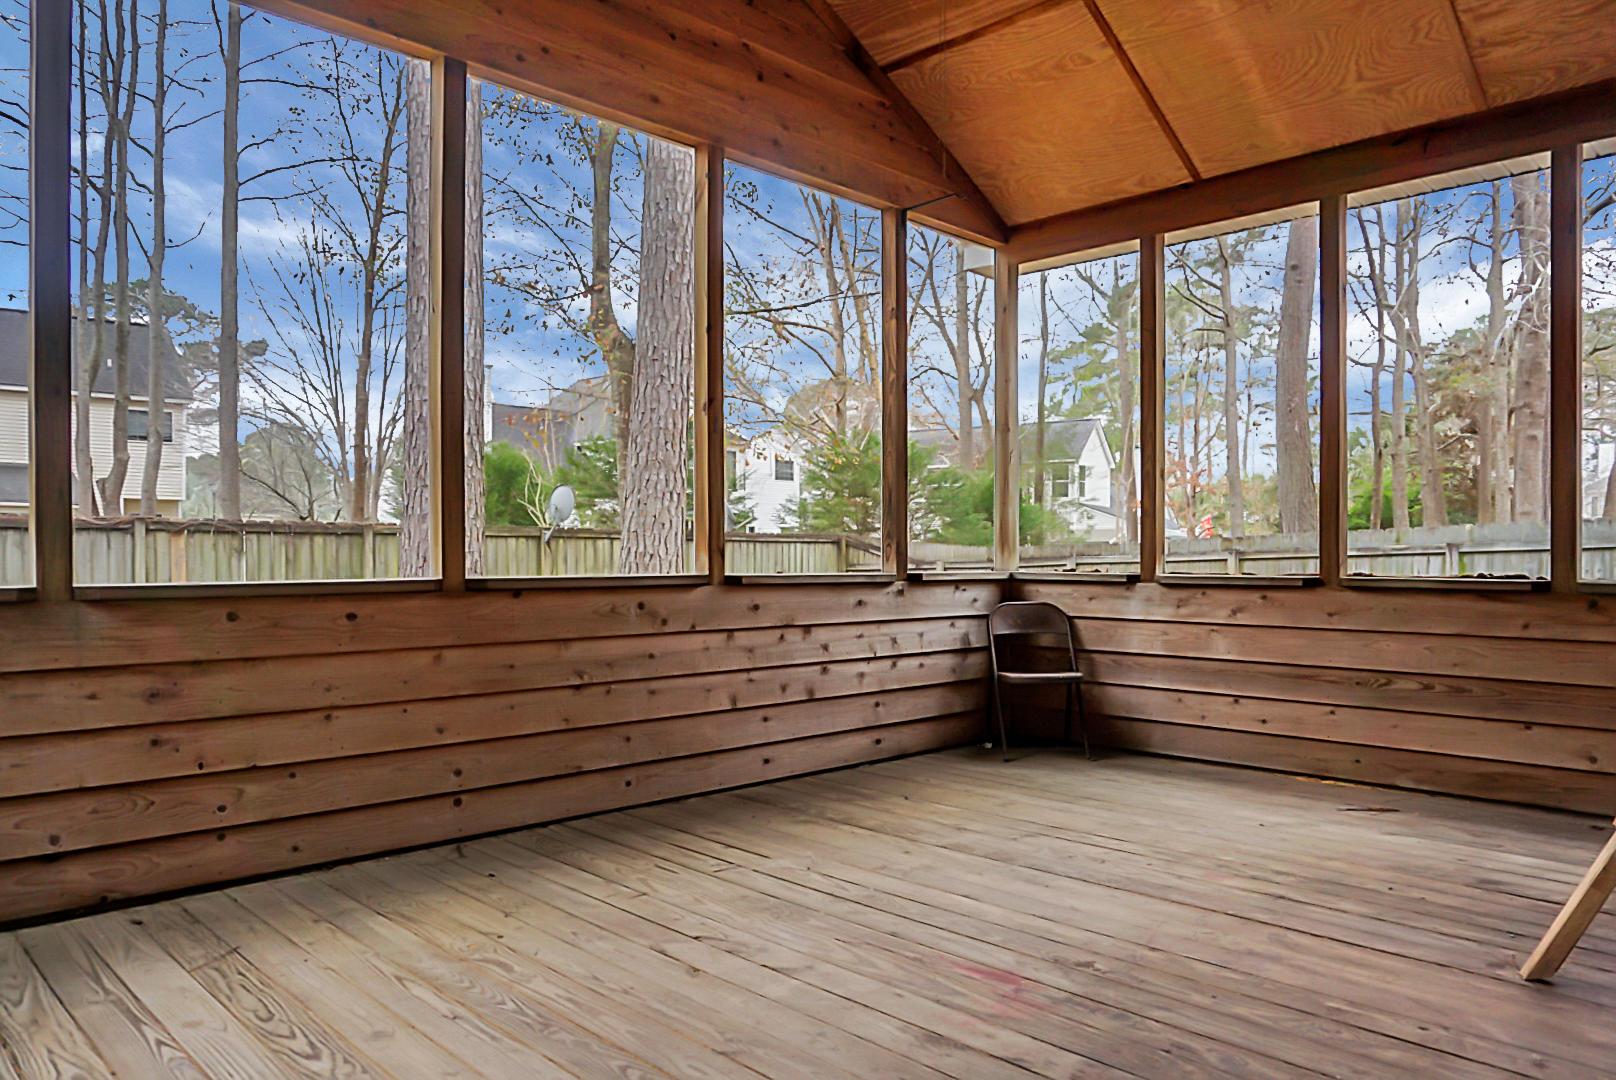 Dunes West Homes For Sale - 3209 Carmel Bay, Mount Pleasant, SC - 34